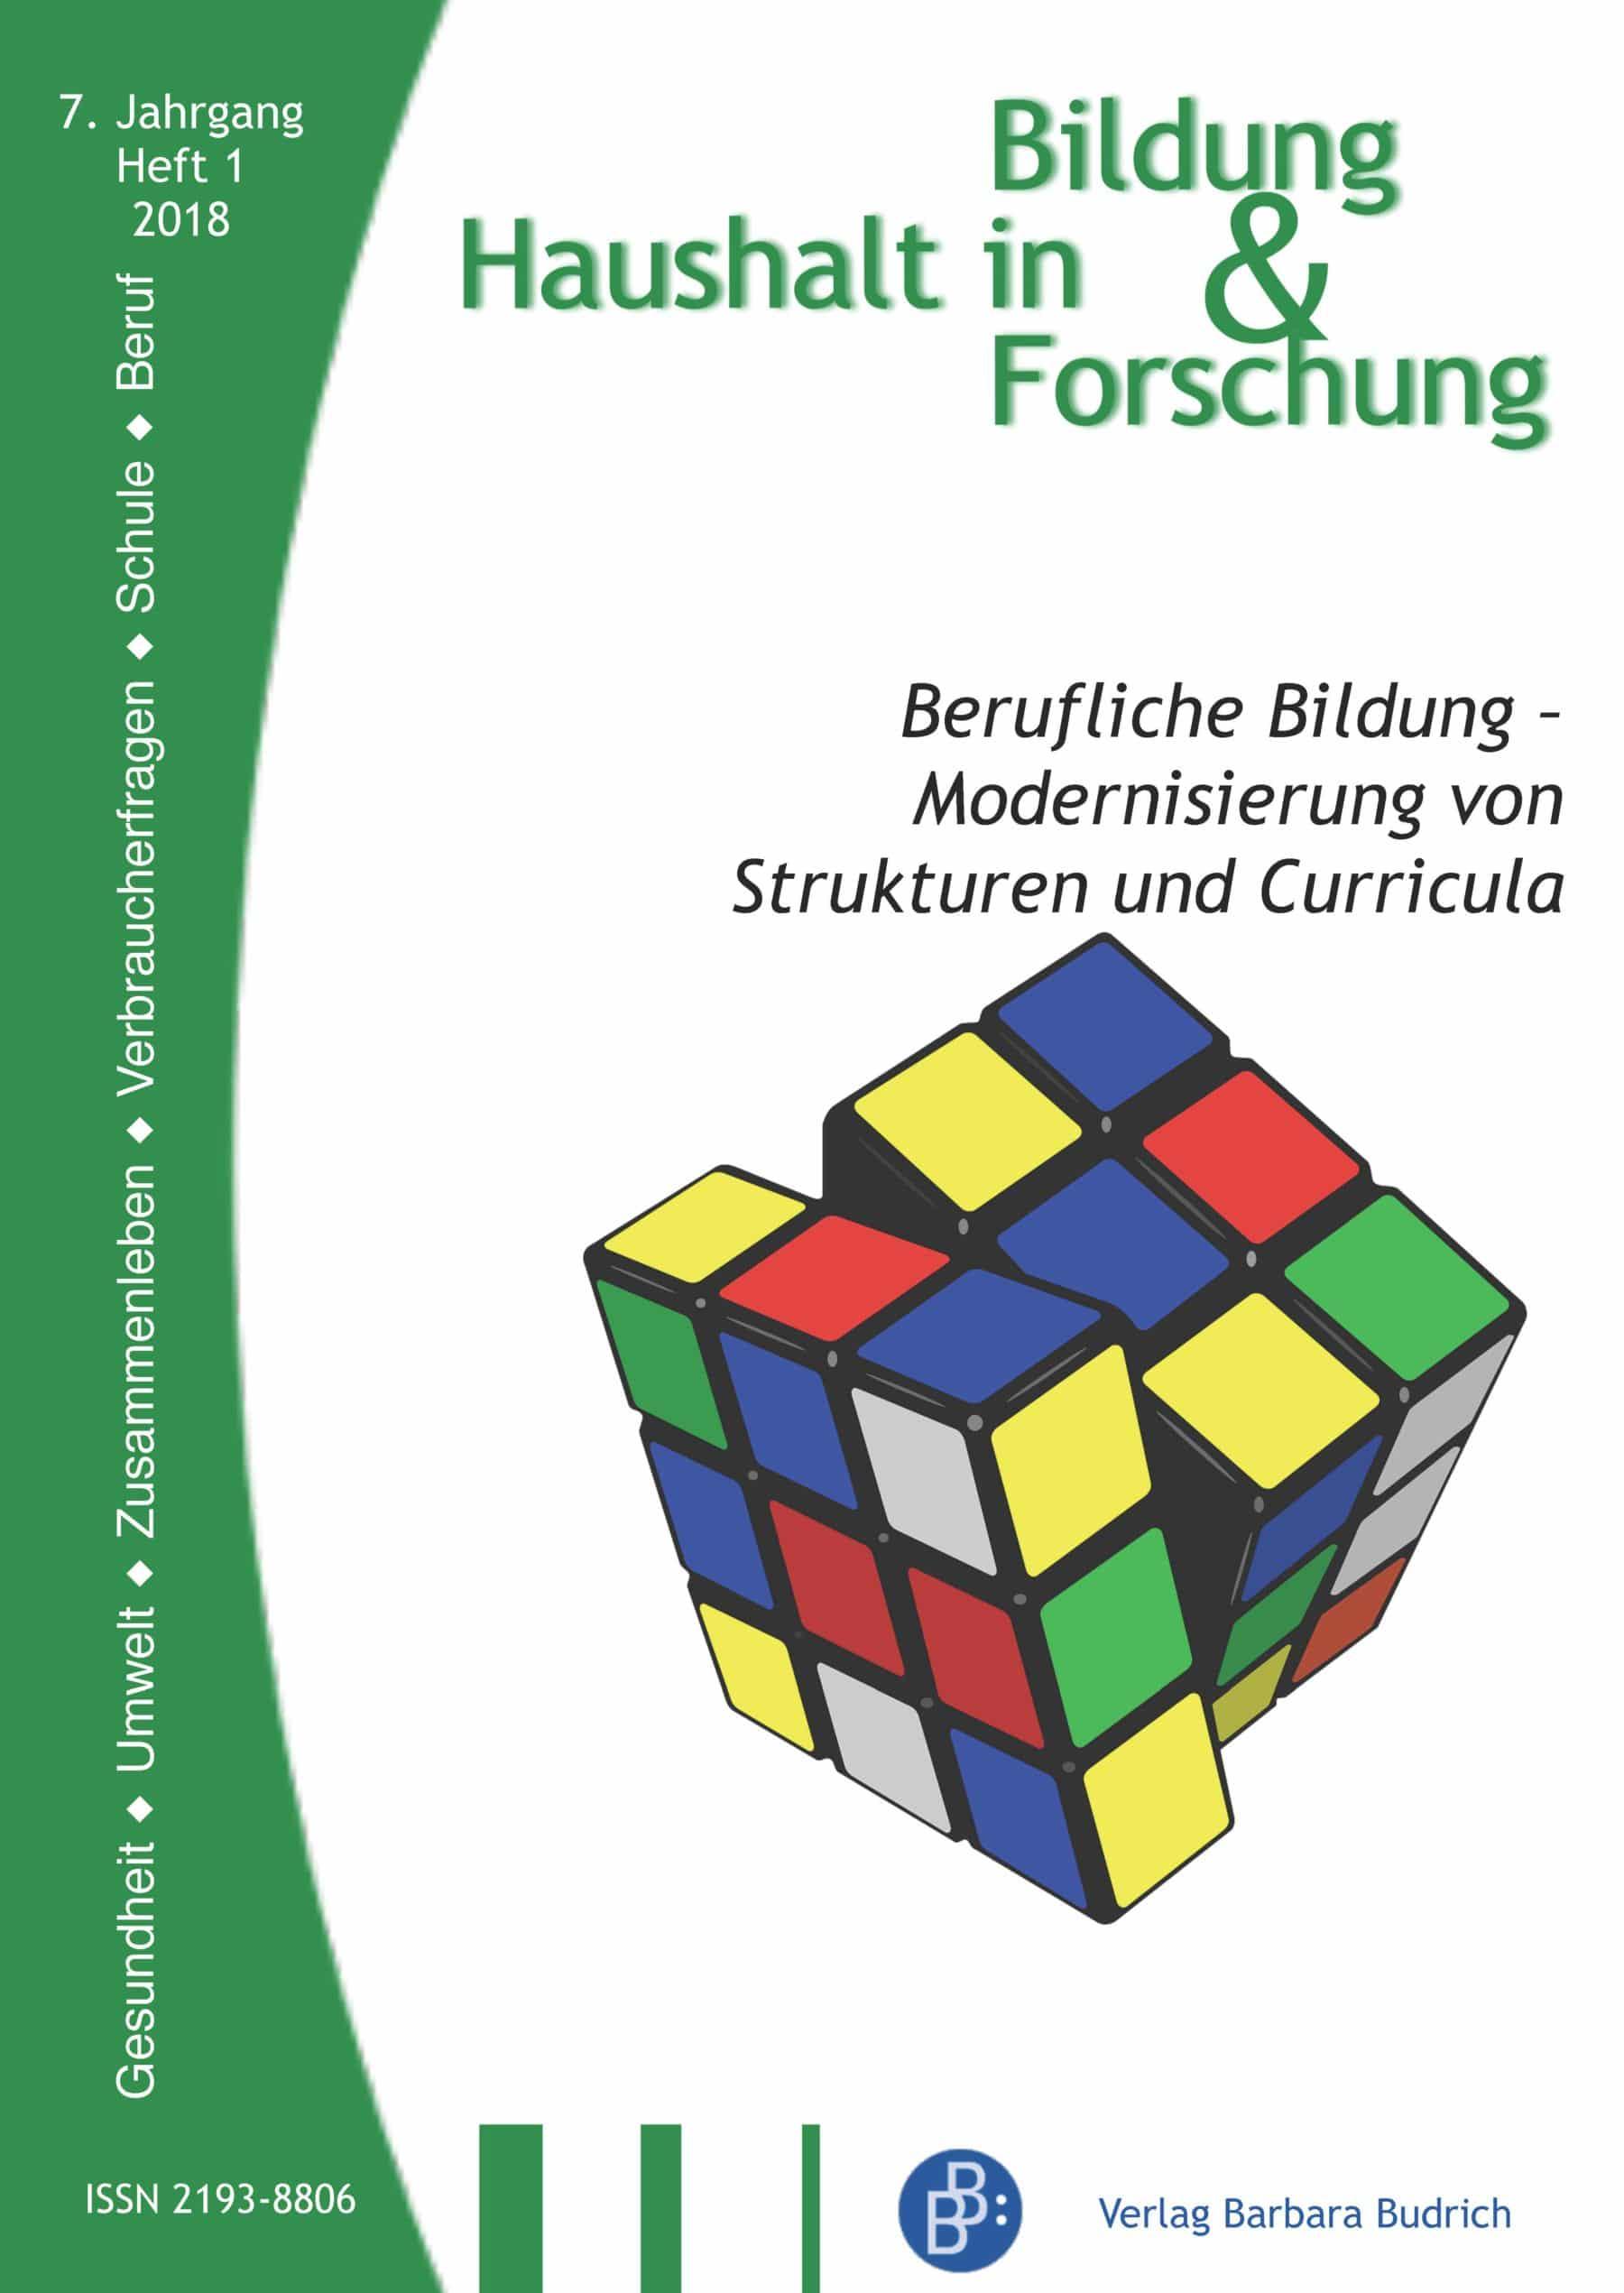 HiBiFo – Haushalt in Bildung & Forschung 1-2018: Berufliche Bildung – Modernisierung von Strukturen und Curricula